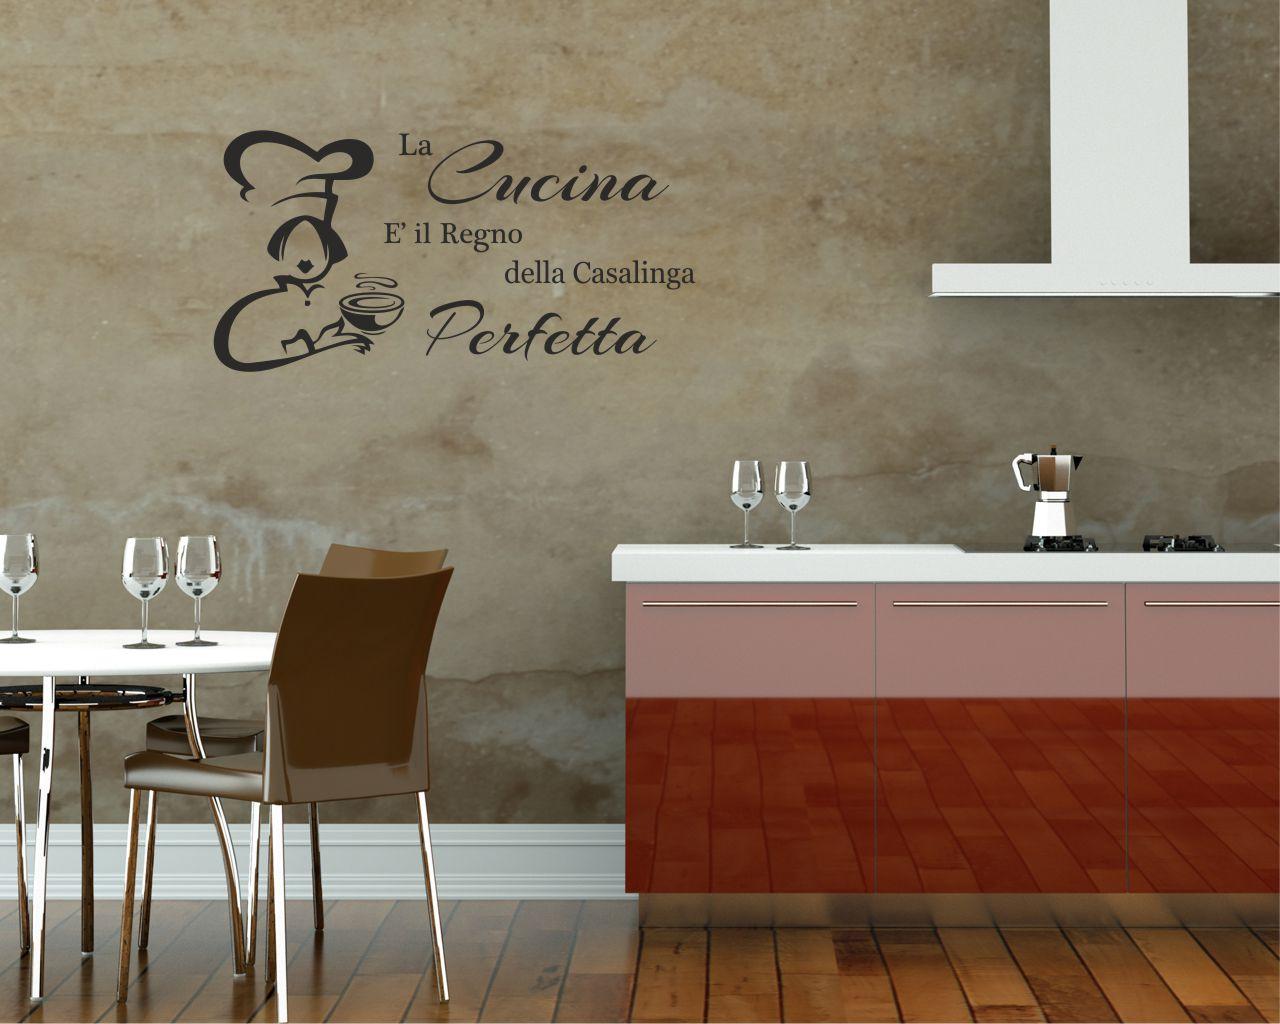 LA CUCINA E IL REGNO  Food  Adesivo murale  Interni